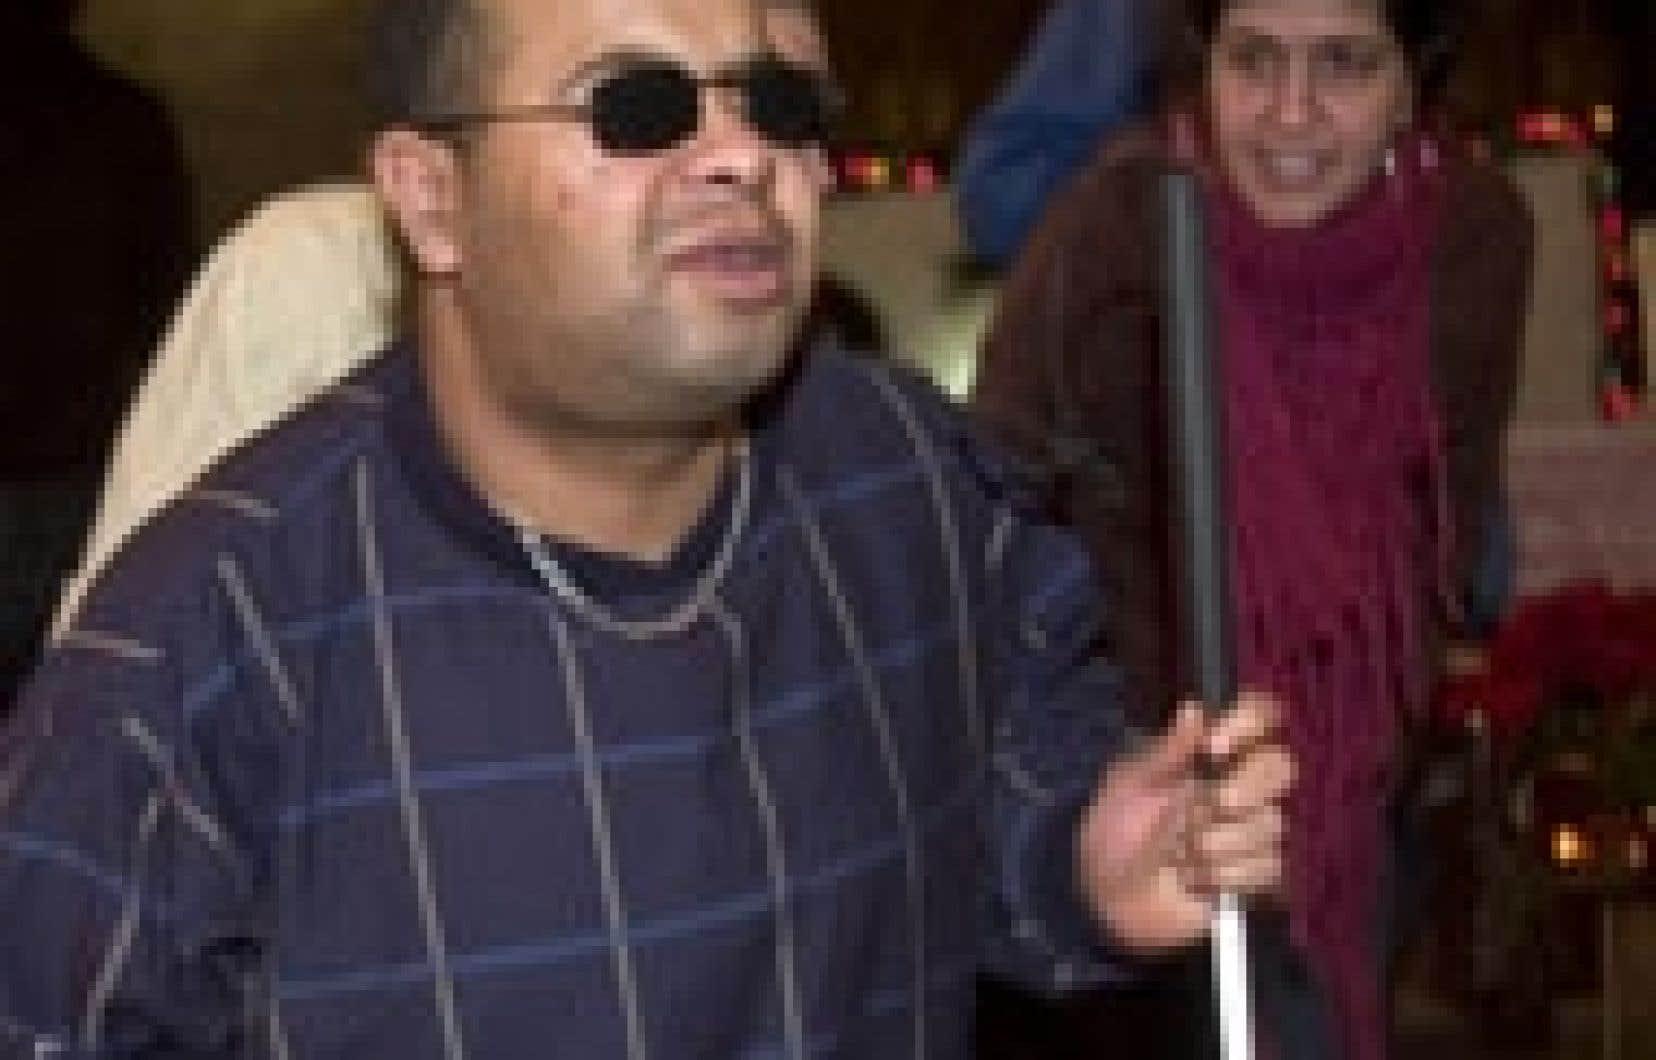 Aveugle, diabétique, sans travail ni famille, Abdelkader Belaouni, un Algérien musulman, a trouvé refuge dans une église catholique du quartier Pointe-Saint-Charles, son dernier espoir d'échapper à l'expulsion vers les États-Unis.